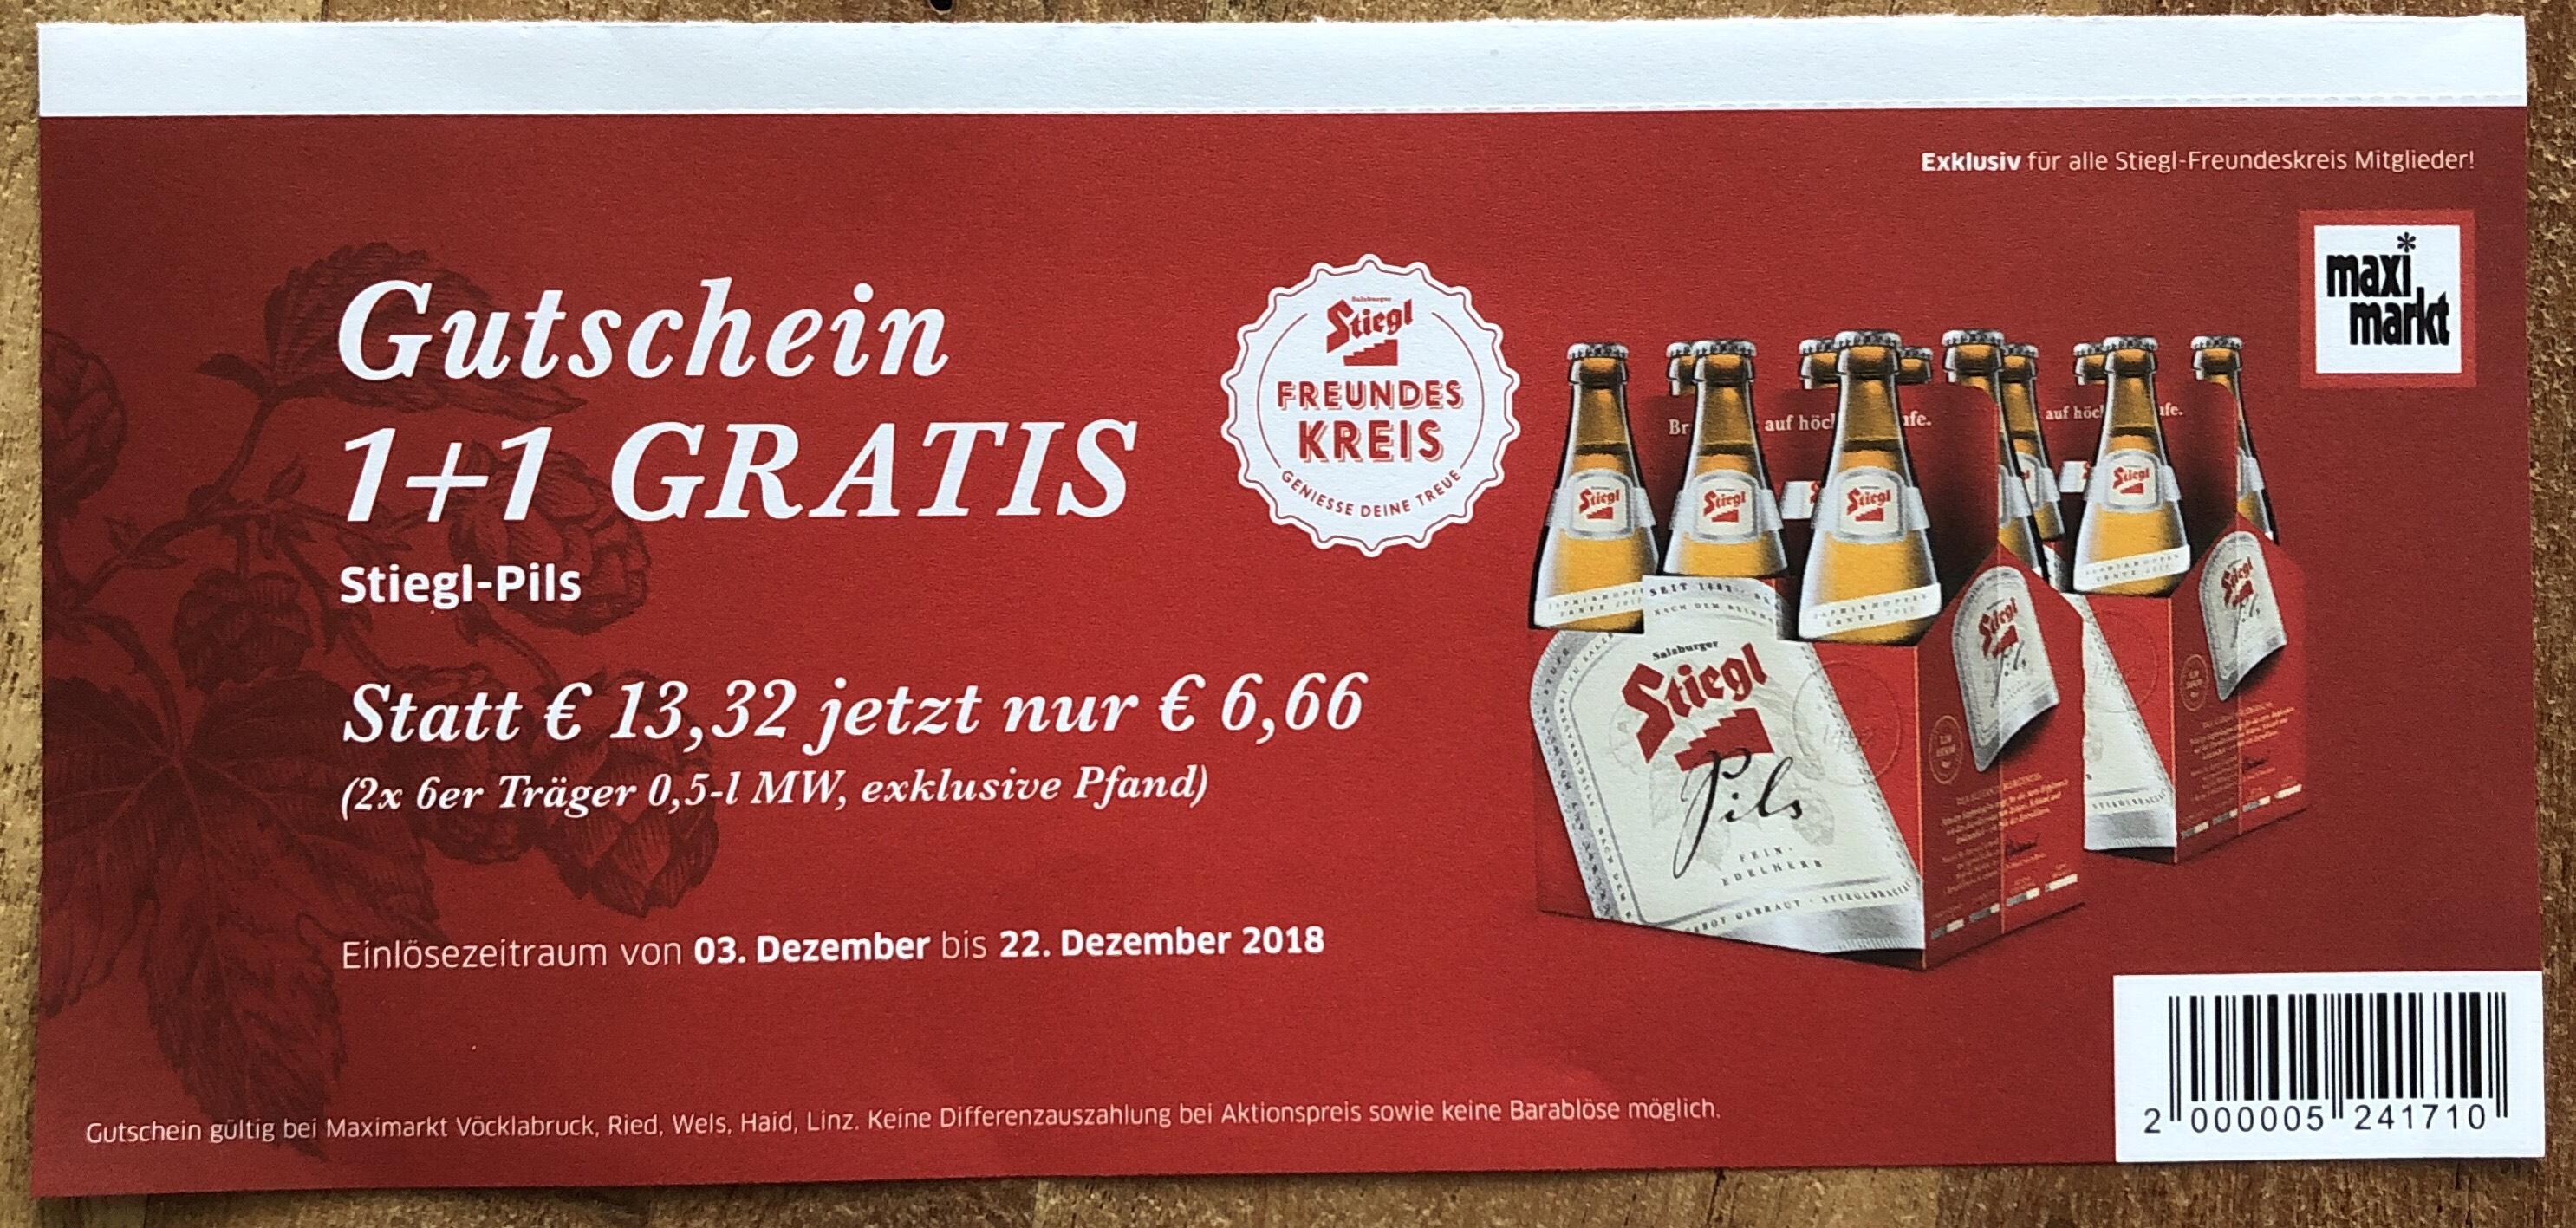 Stiegl Pils 6er 1+1 gratis (maxi.markt)